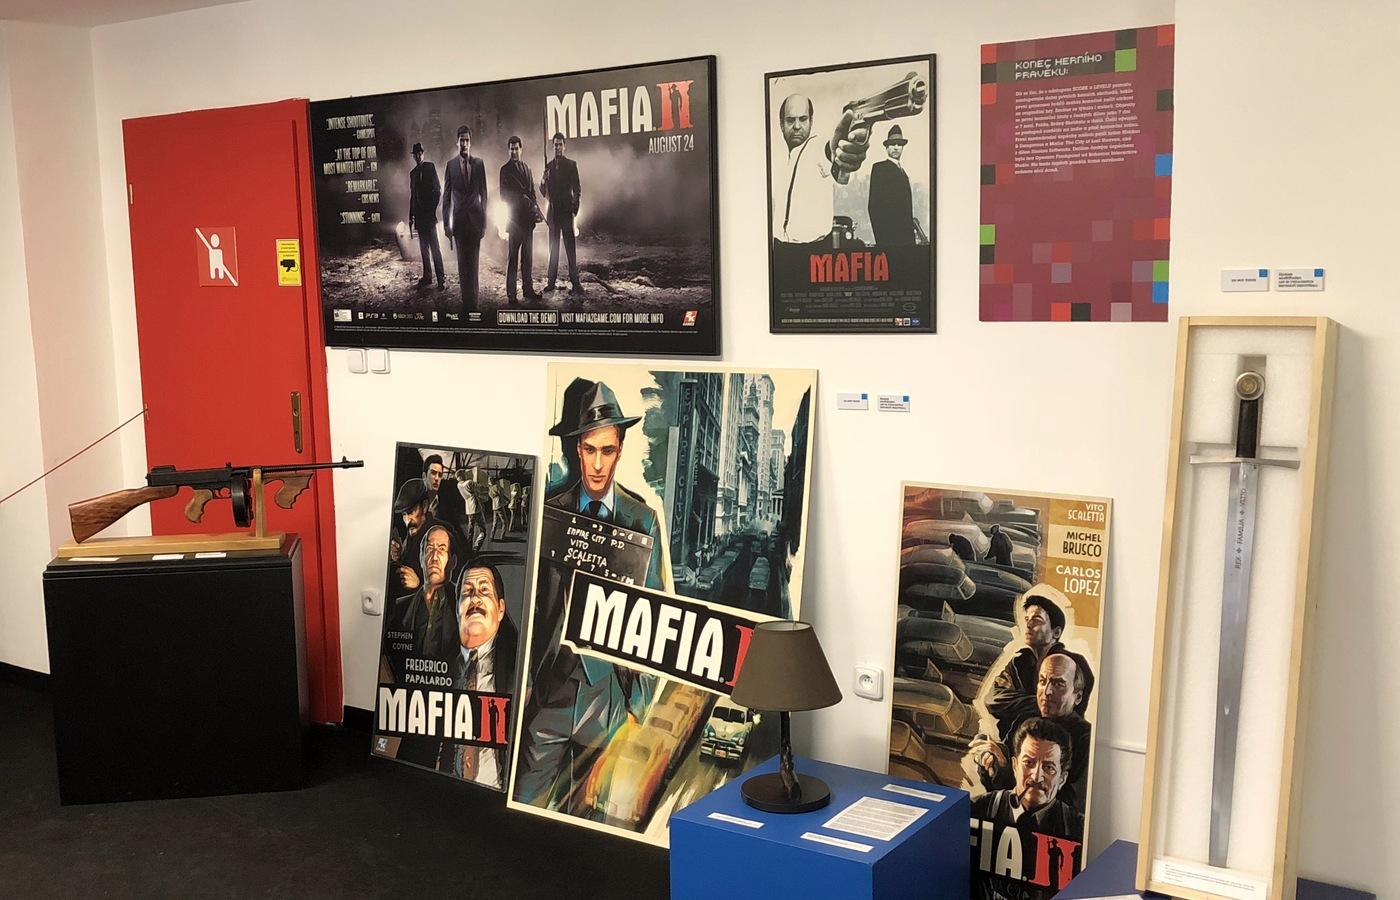 Plakáty a upomínkové předměty ze hry Mafia